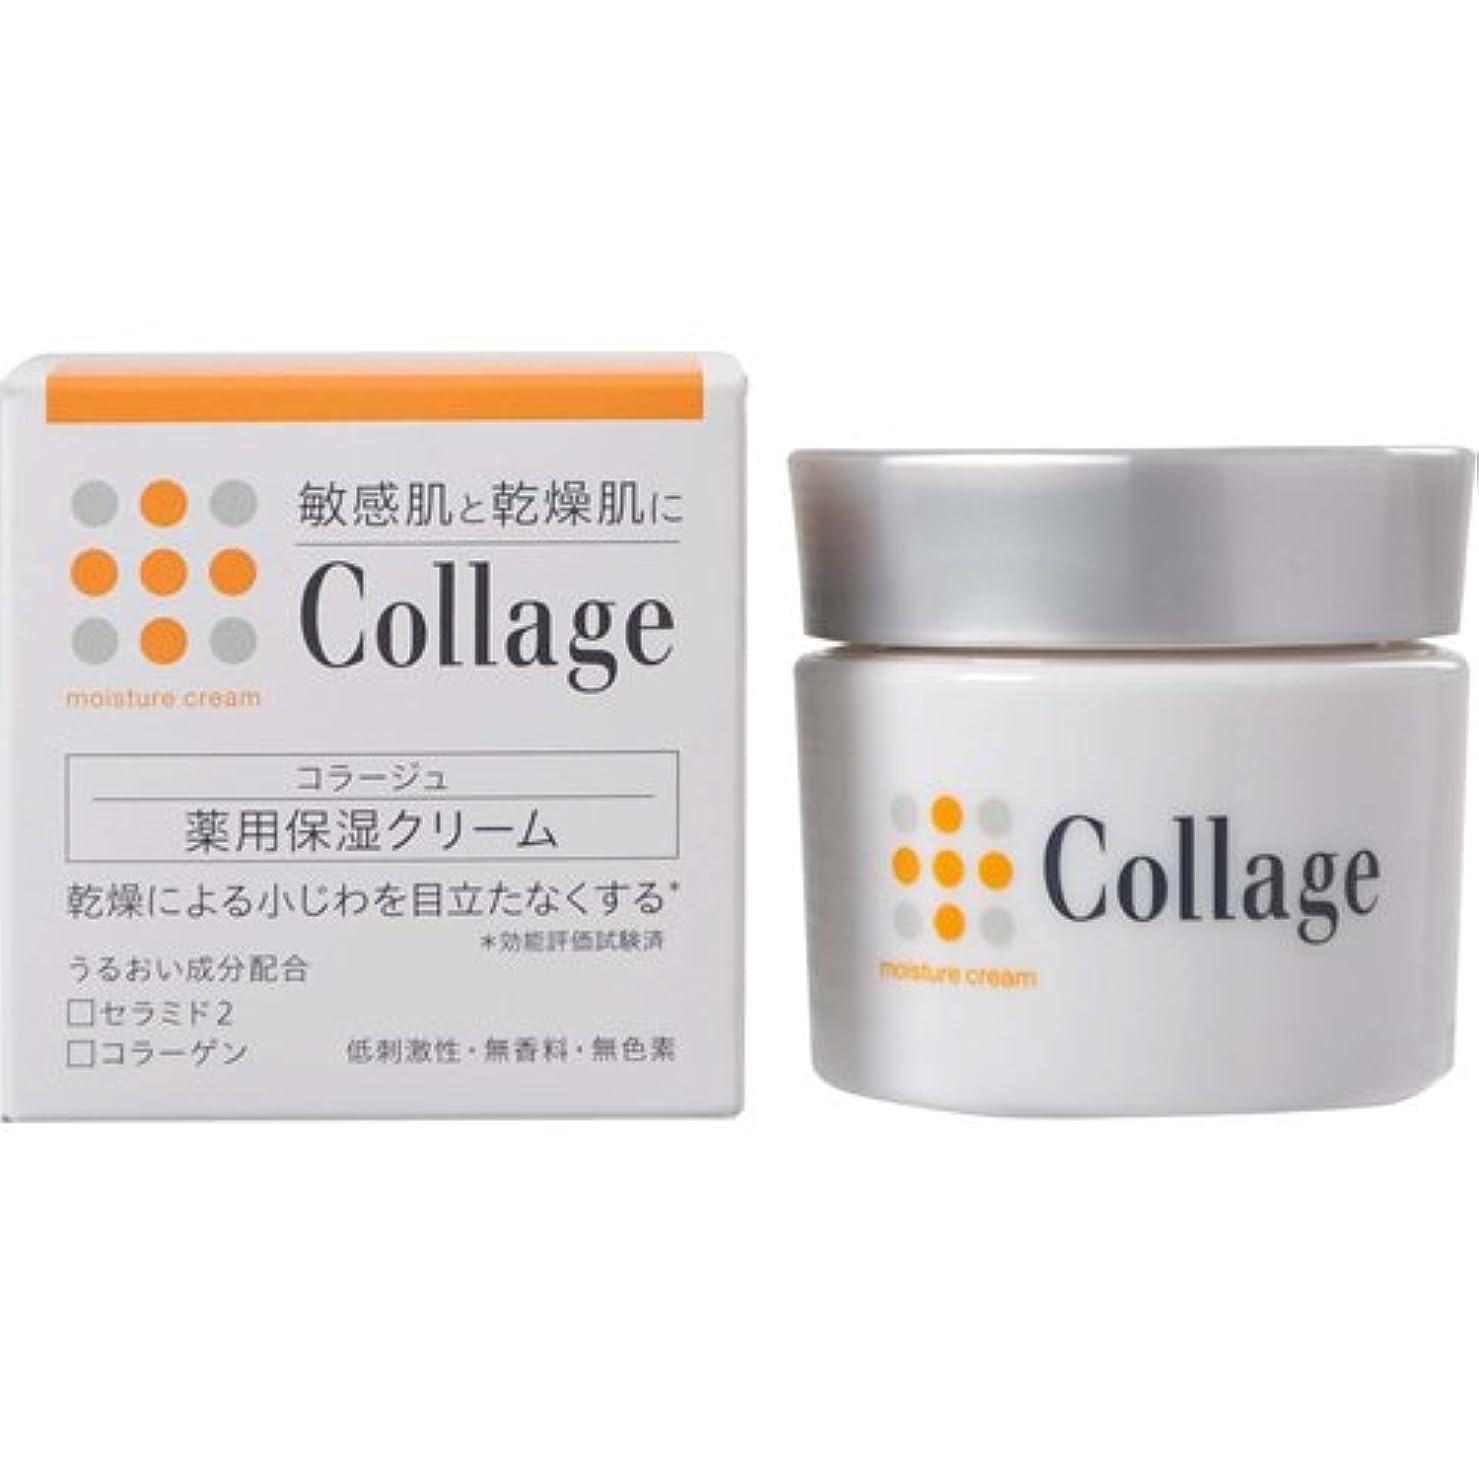 致死侵入するコラージュ 薬用保湿クリーム 30g 【医薬部外品】